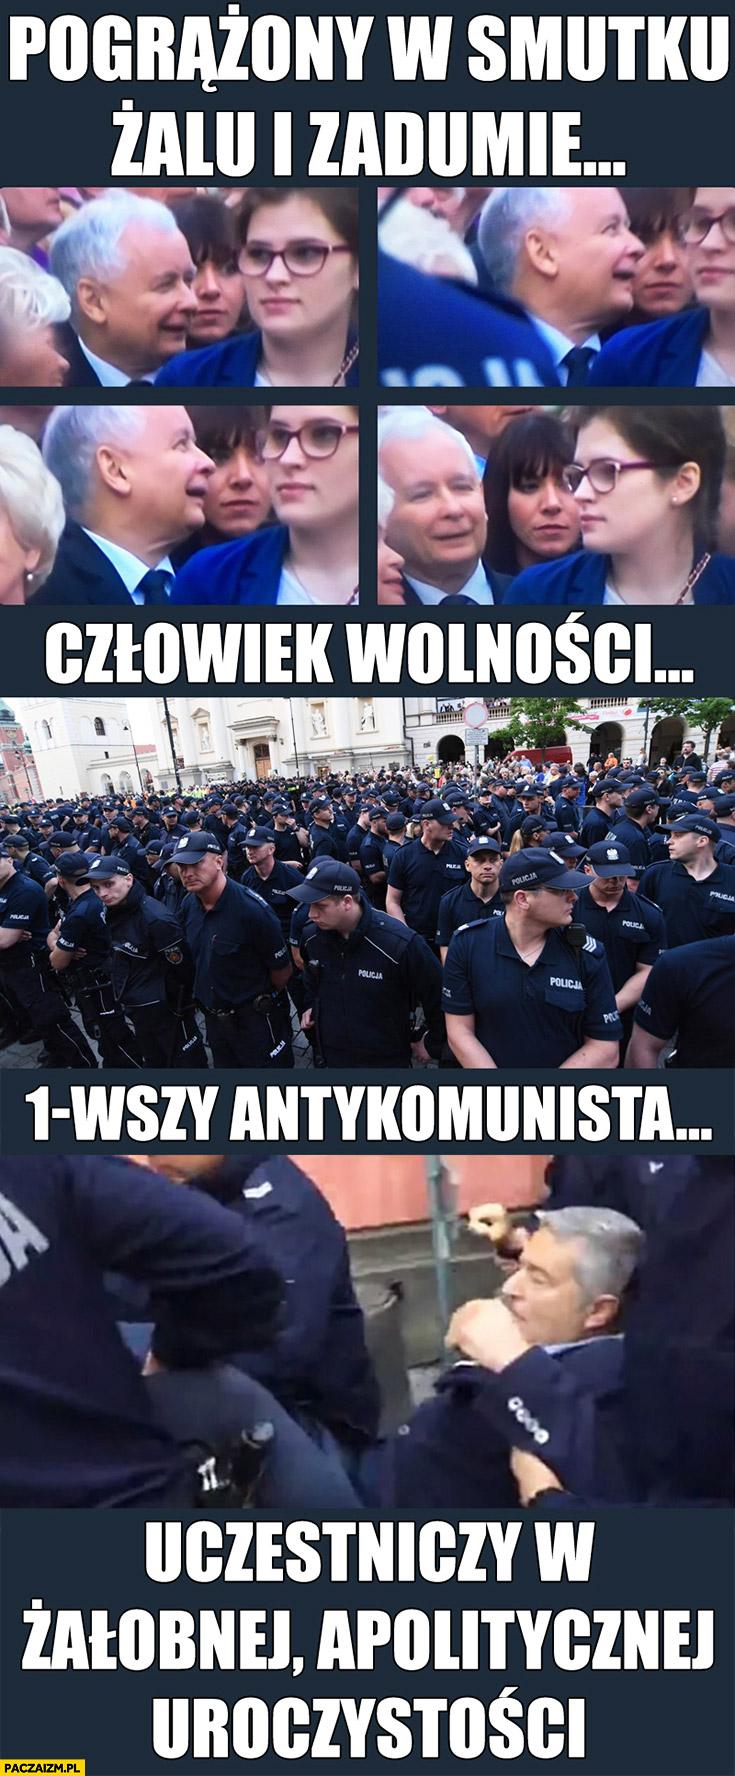 Kaczyński pogrążony w smutku, żalu i zadumie. Miesięcznica Smoleńska Frasyniuk człowiek wolności, pierwszy antykomunista uczestniczy w żałobnej, apolitycznej uroczystości policja go wynosi